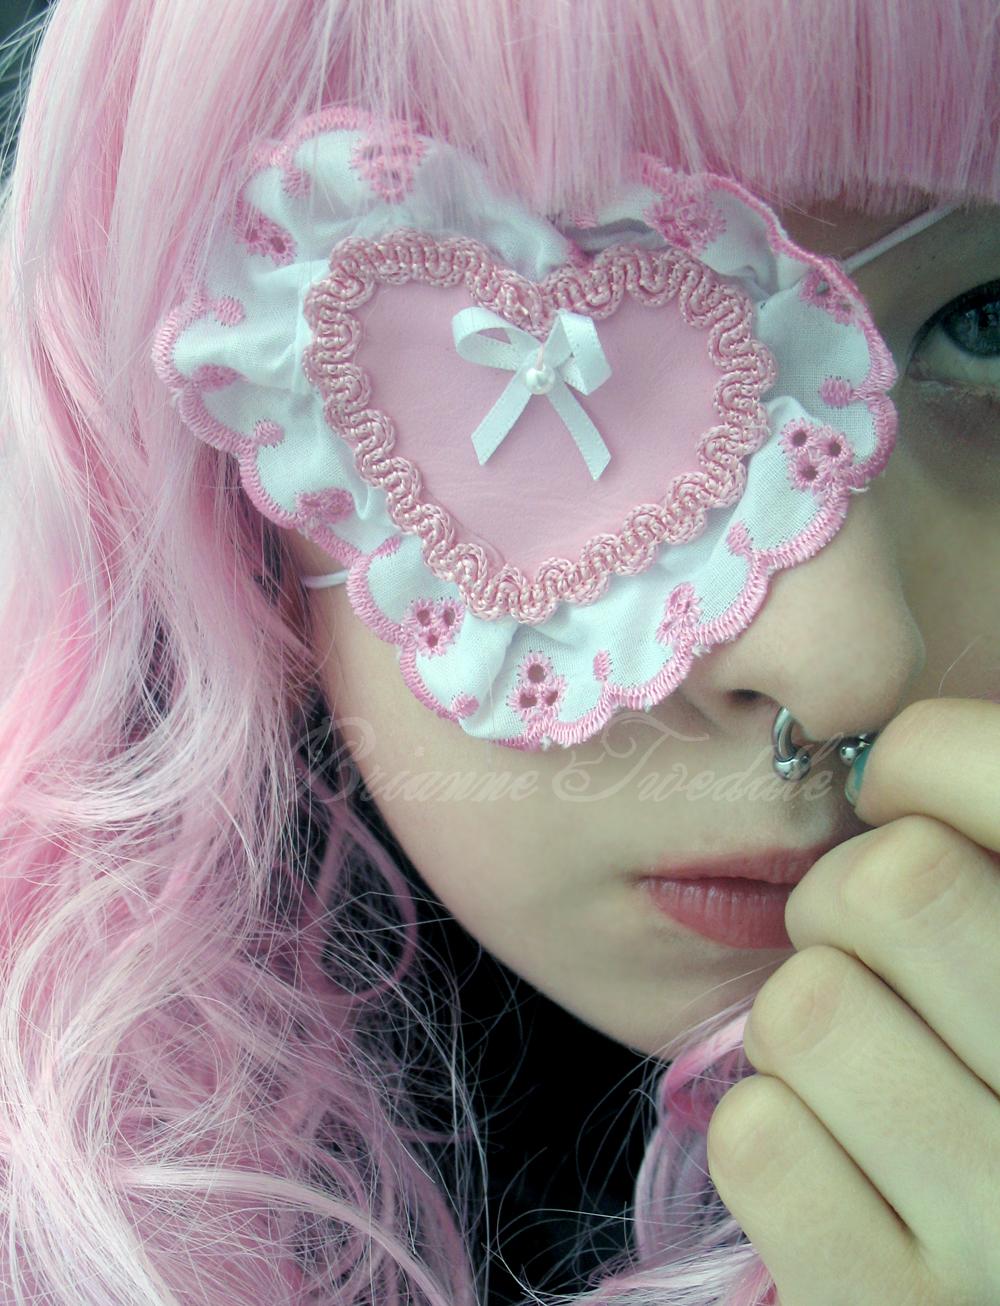 Girly eye patch http://neumorin.deviantart.com/gallery/#/d297kg4